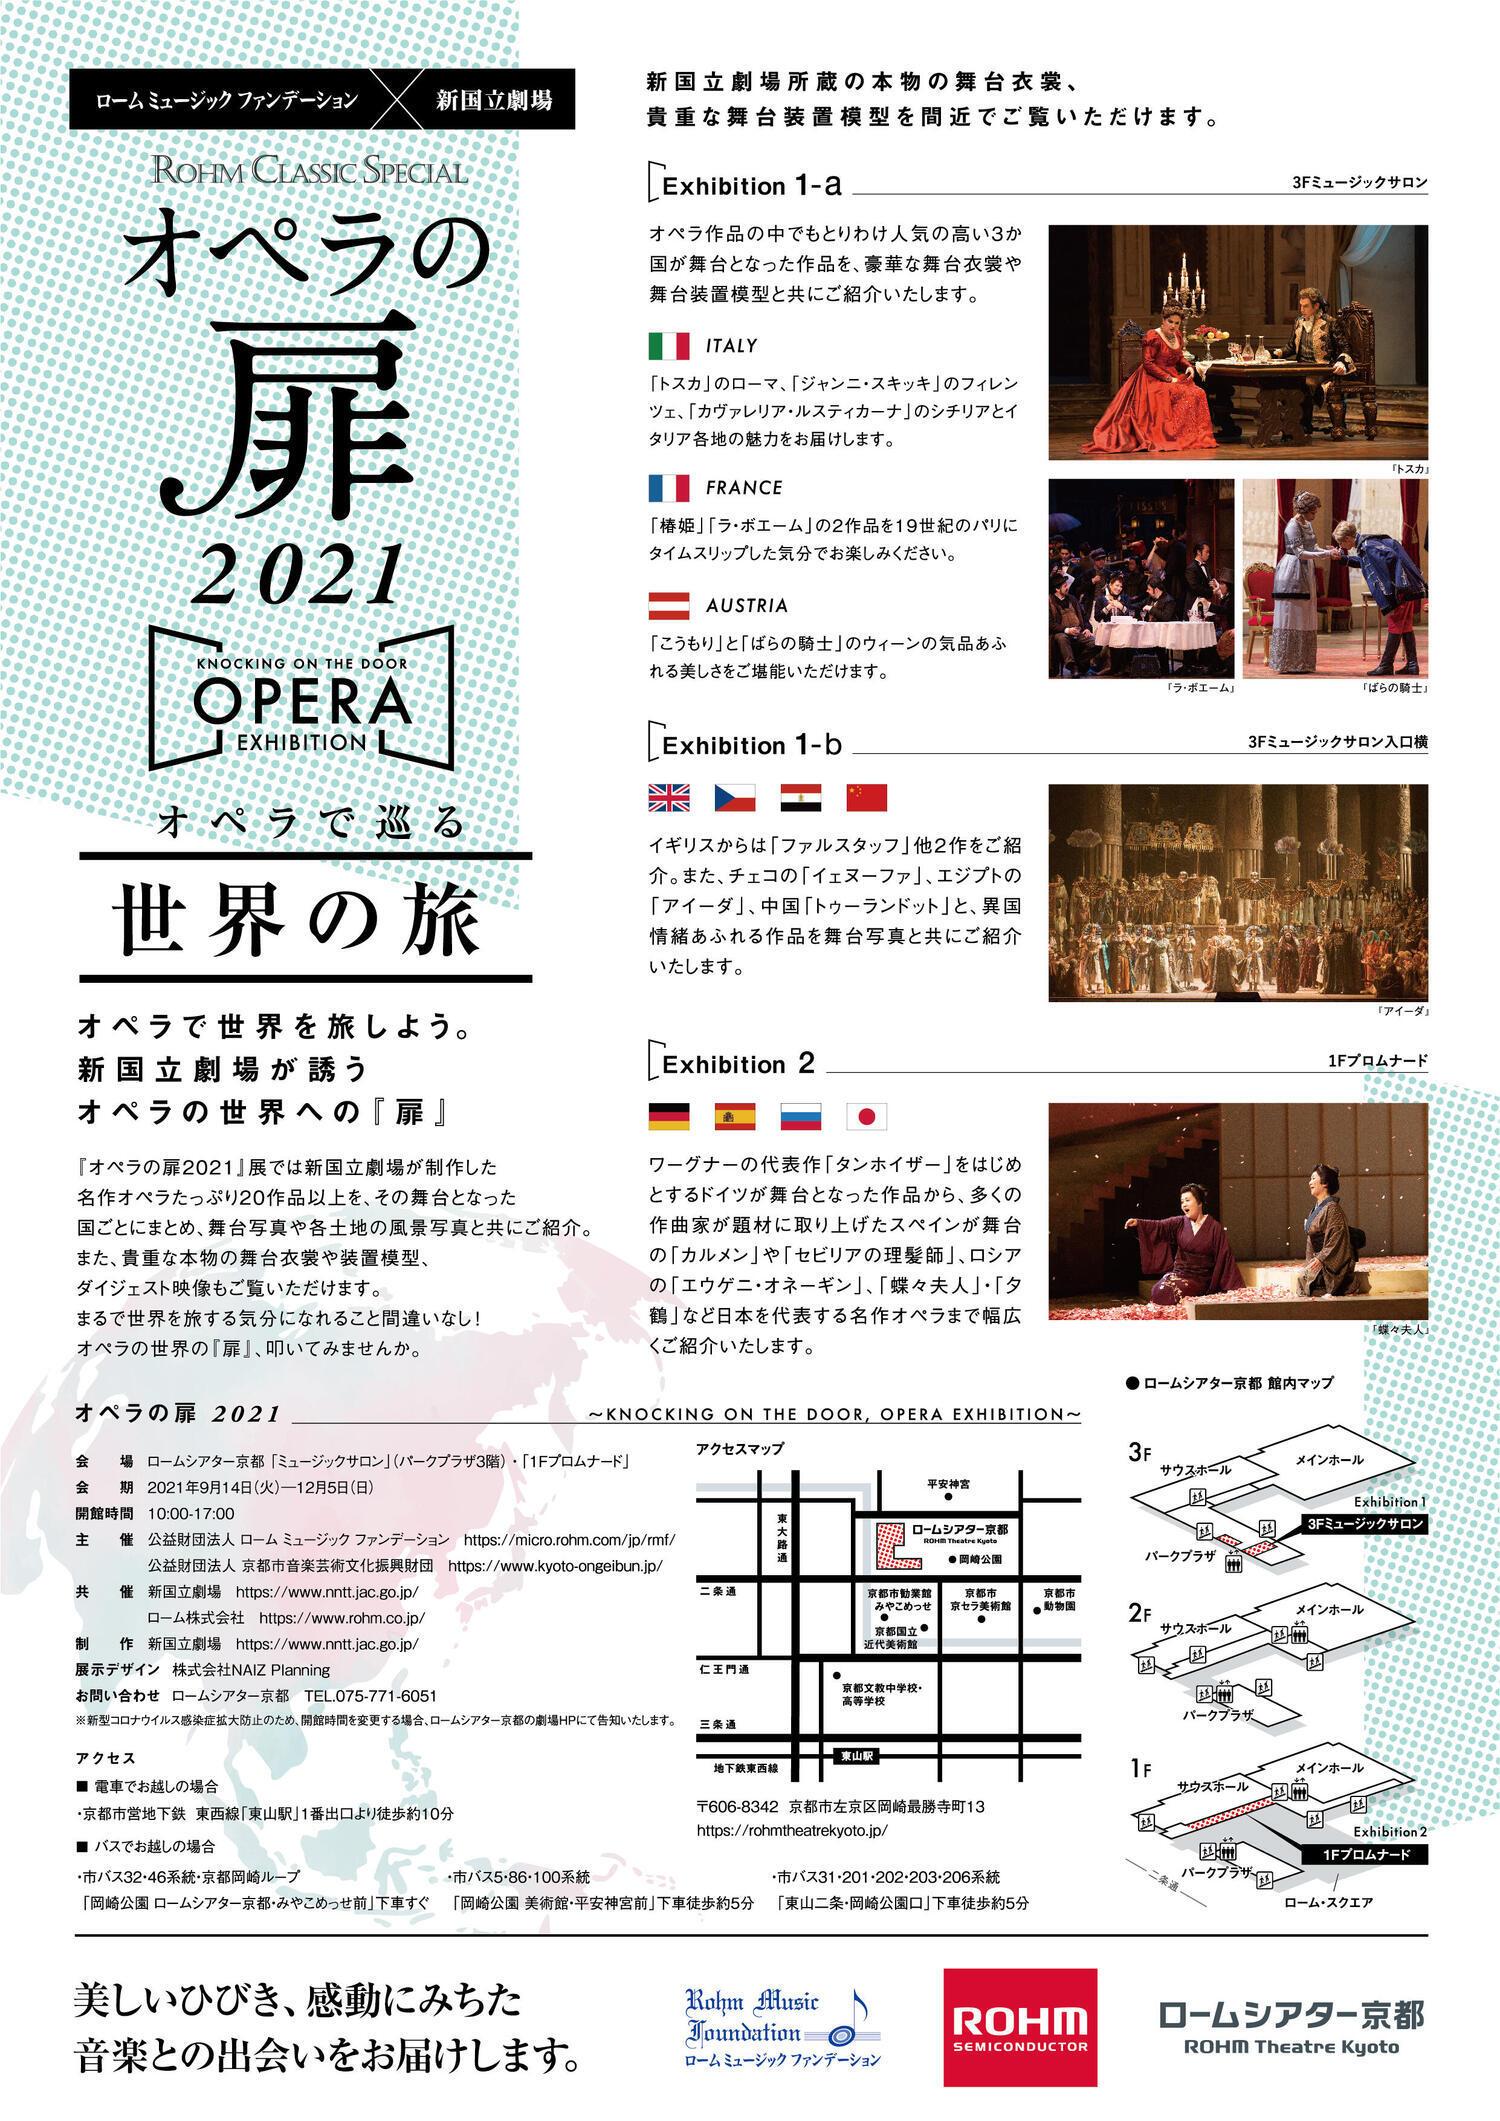 https://cms.nntt.jac.go.jp/opera/news/assets_c/2021/08/8ea0c1f92af79a163ad59c99535563e3-thumb-1500x2121-43855.jpg